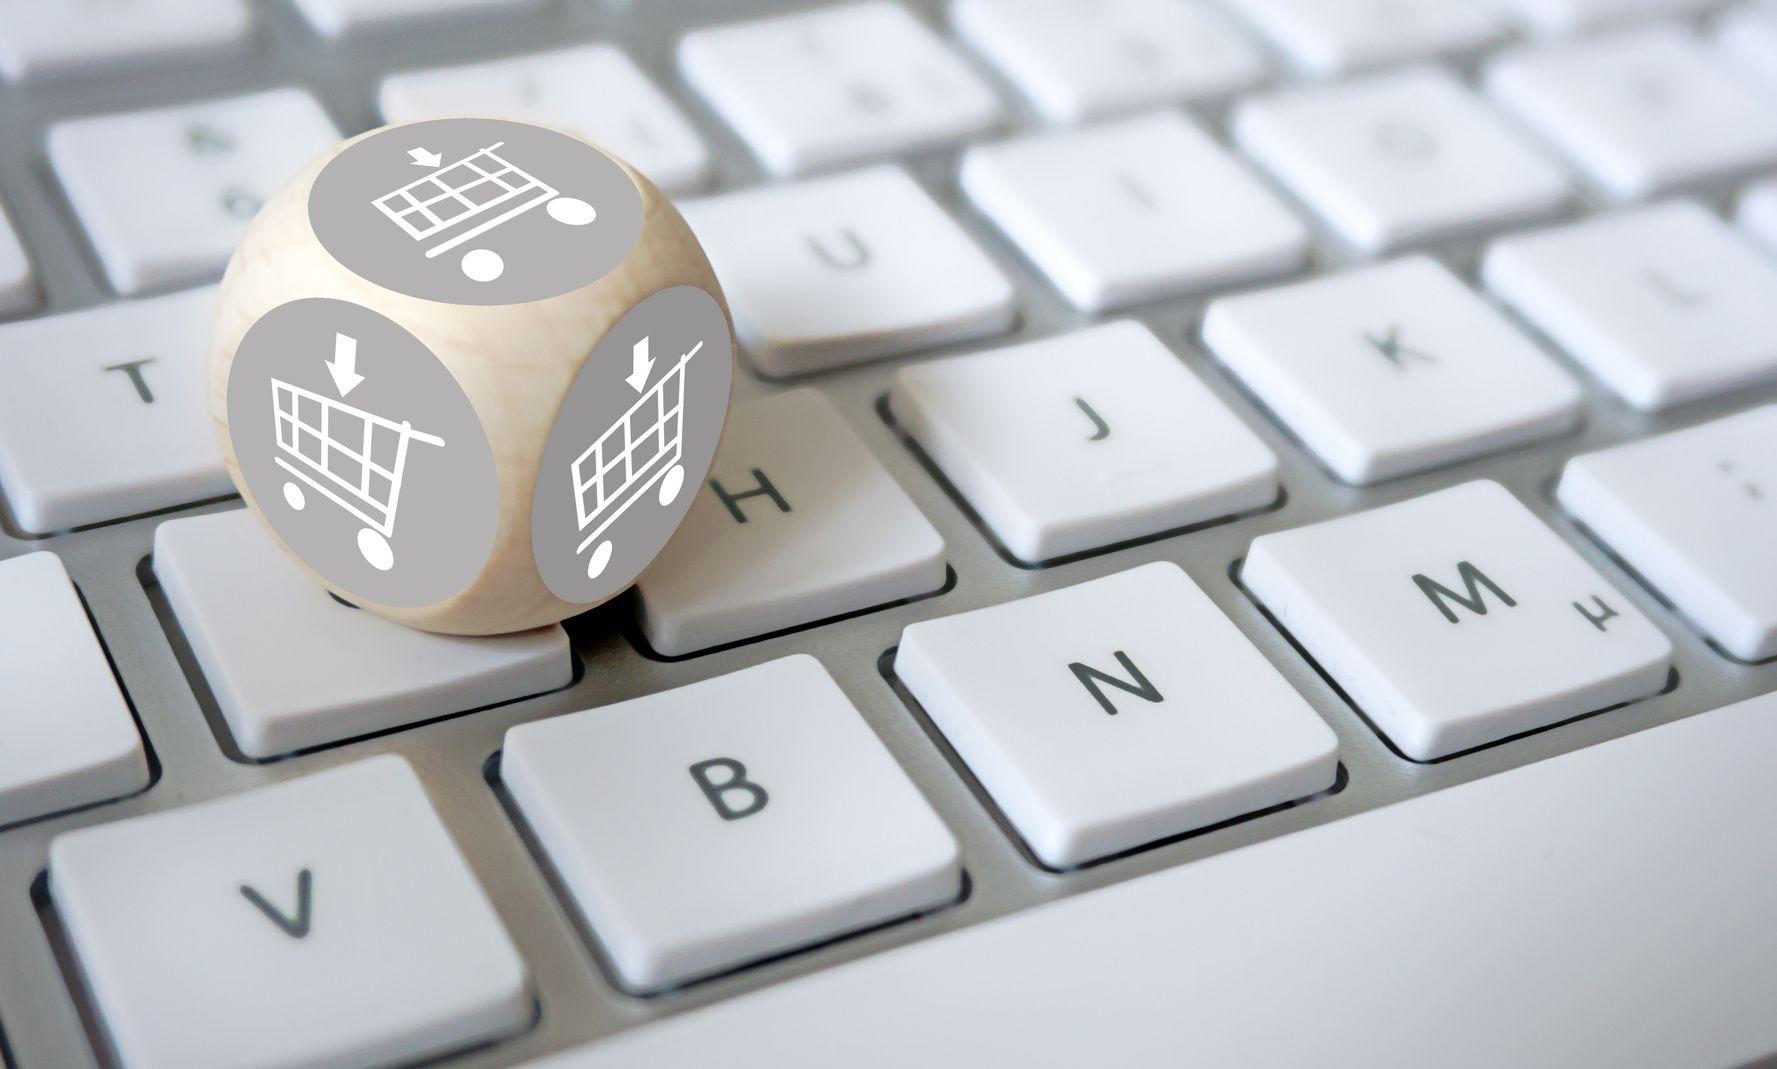 Niedozwolone postanowienia umowne w regulaminach sklepów internetowych. Korzyści dla przedsiębiorcy stosującego regulamin wolny od klauzul niedozwolonych